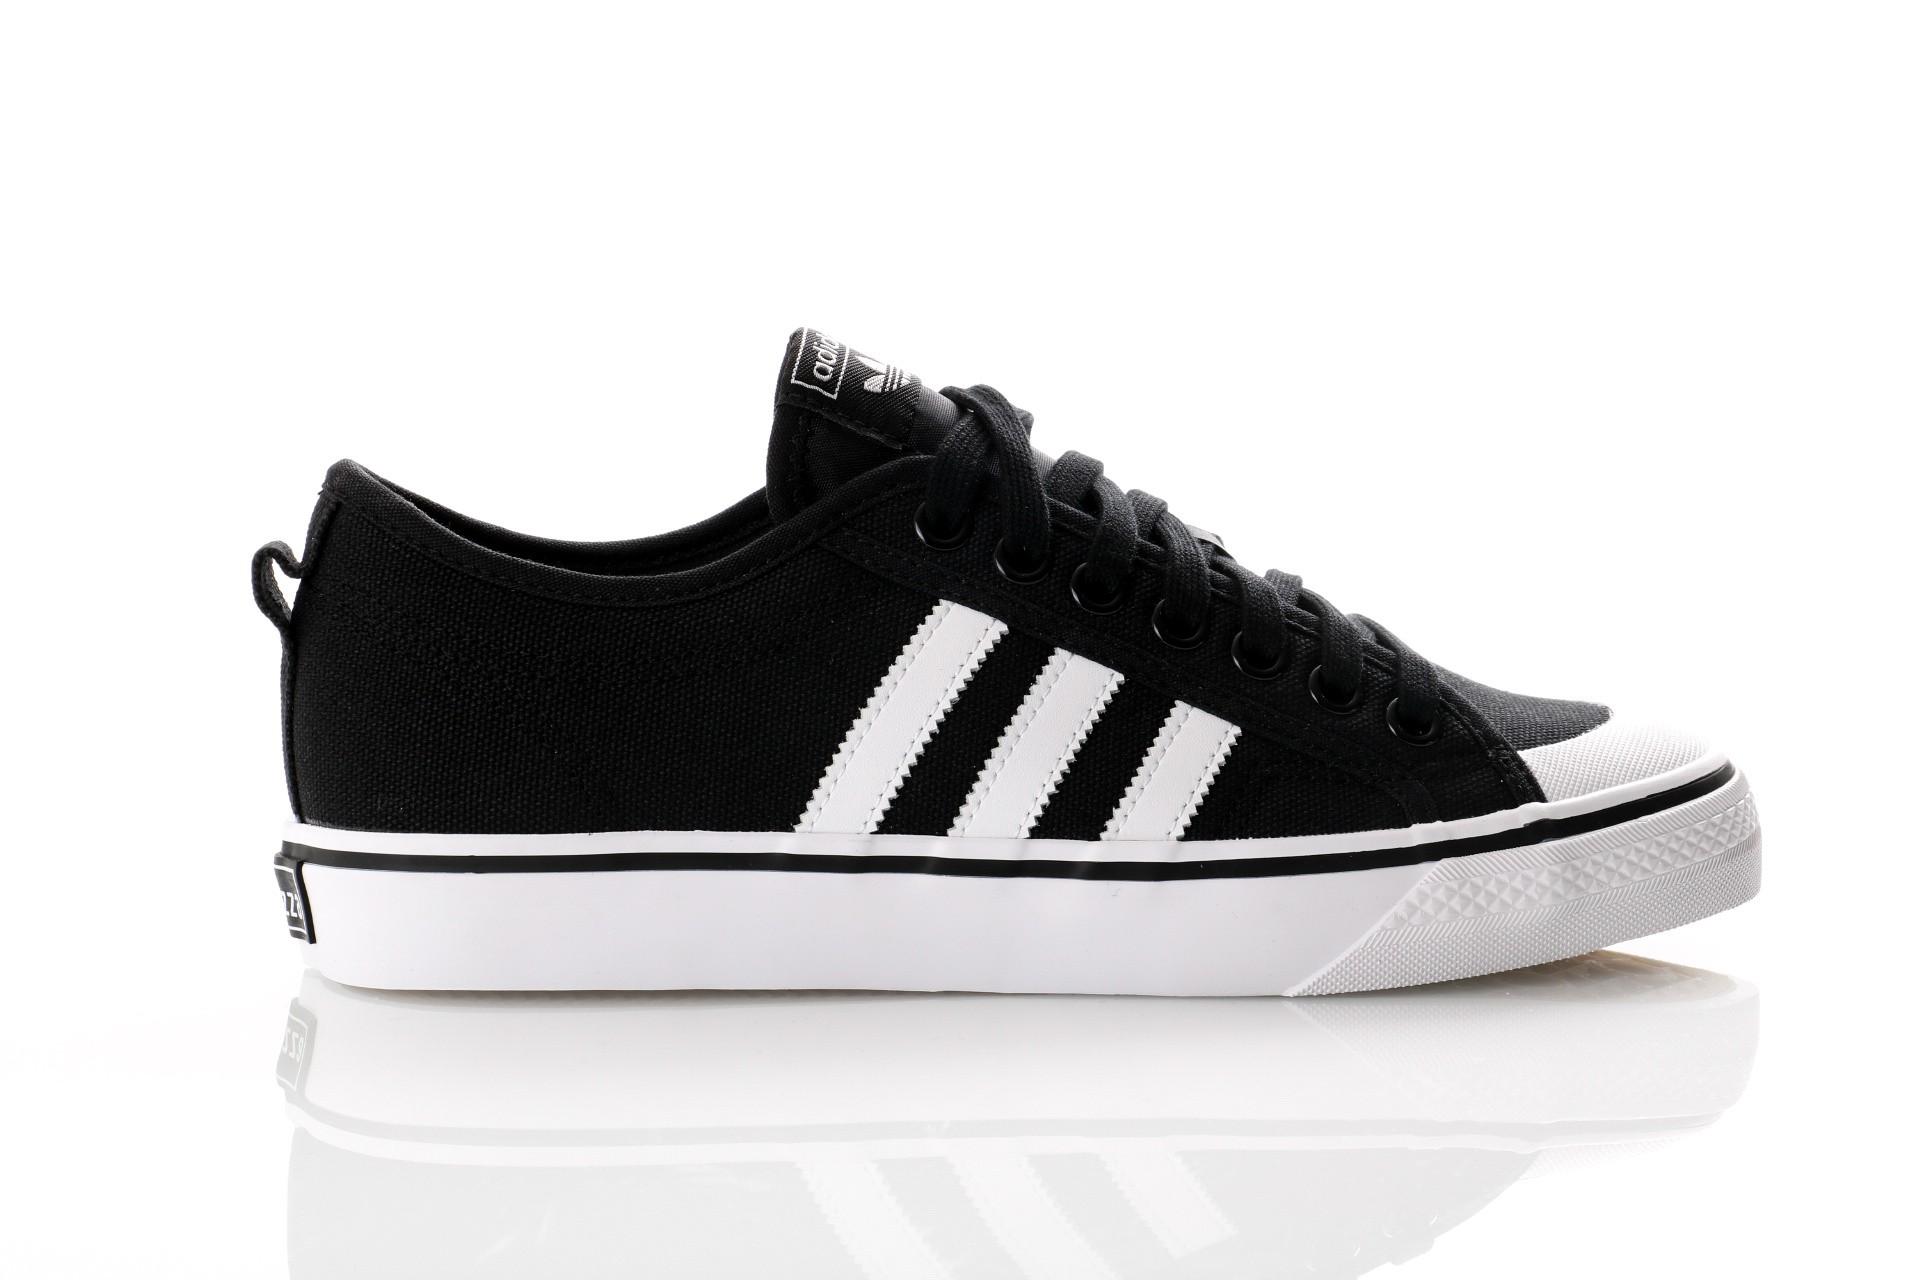 Afbeelding van Adidas Originals CQ2332 Sneakers Nizza OG Zwart